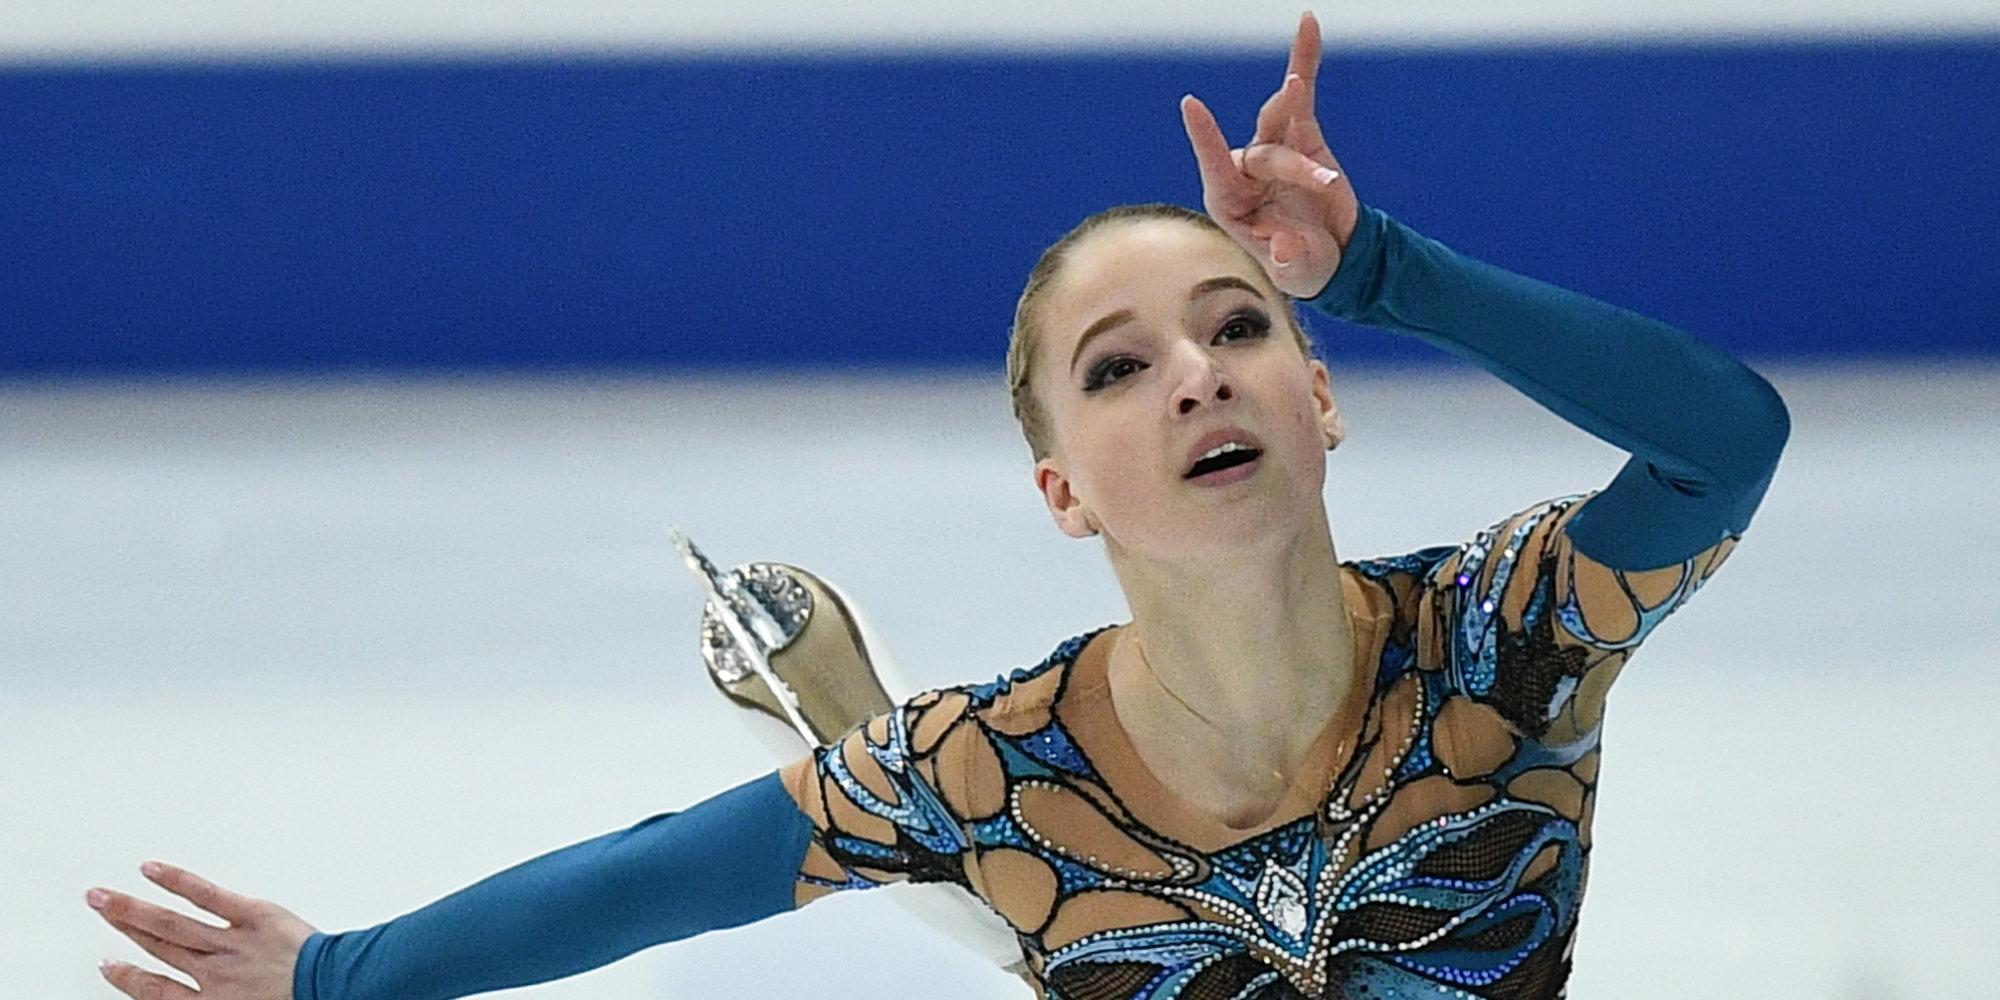 Русская фигуристка Сотскова выиграла международный турнир вФинляндии